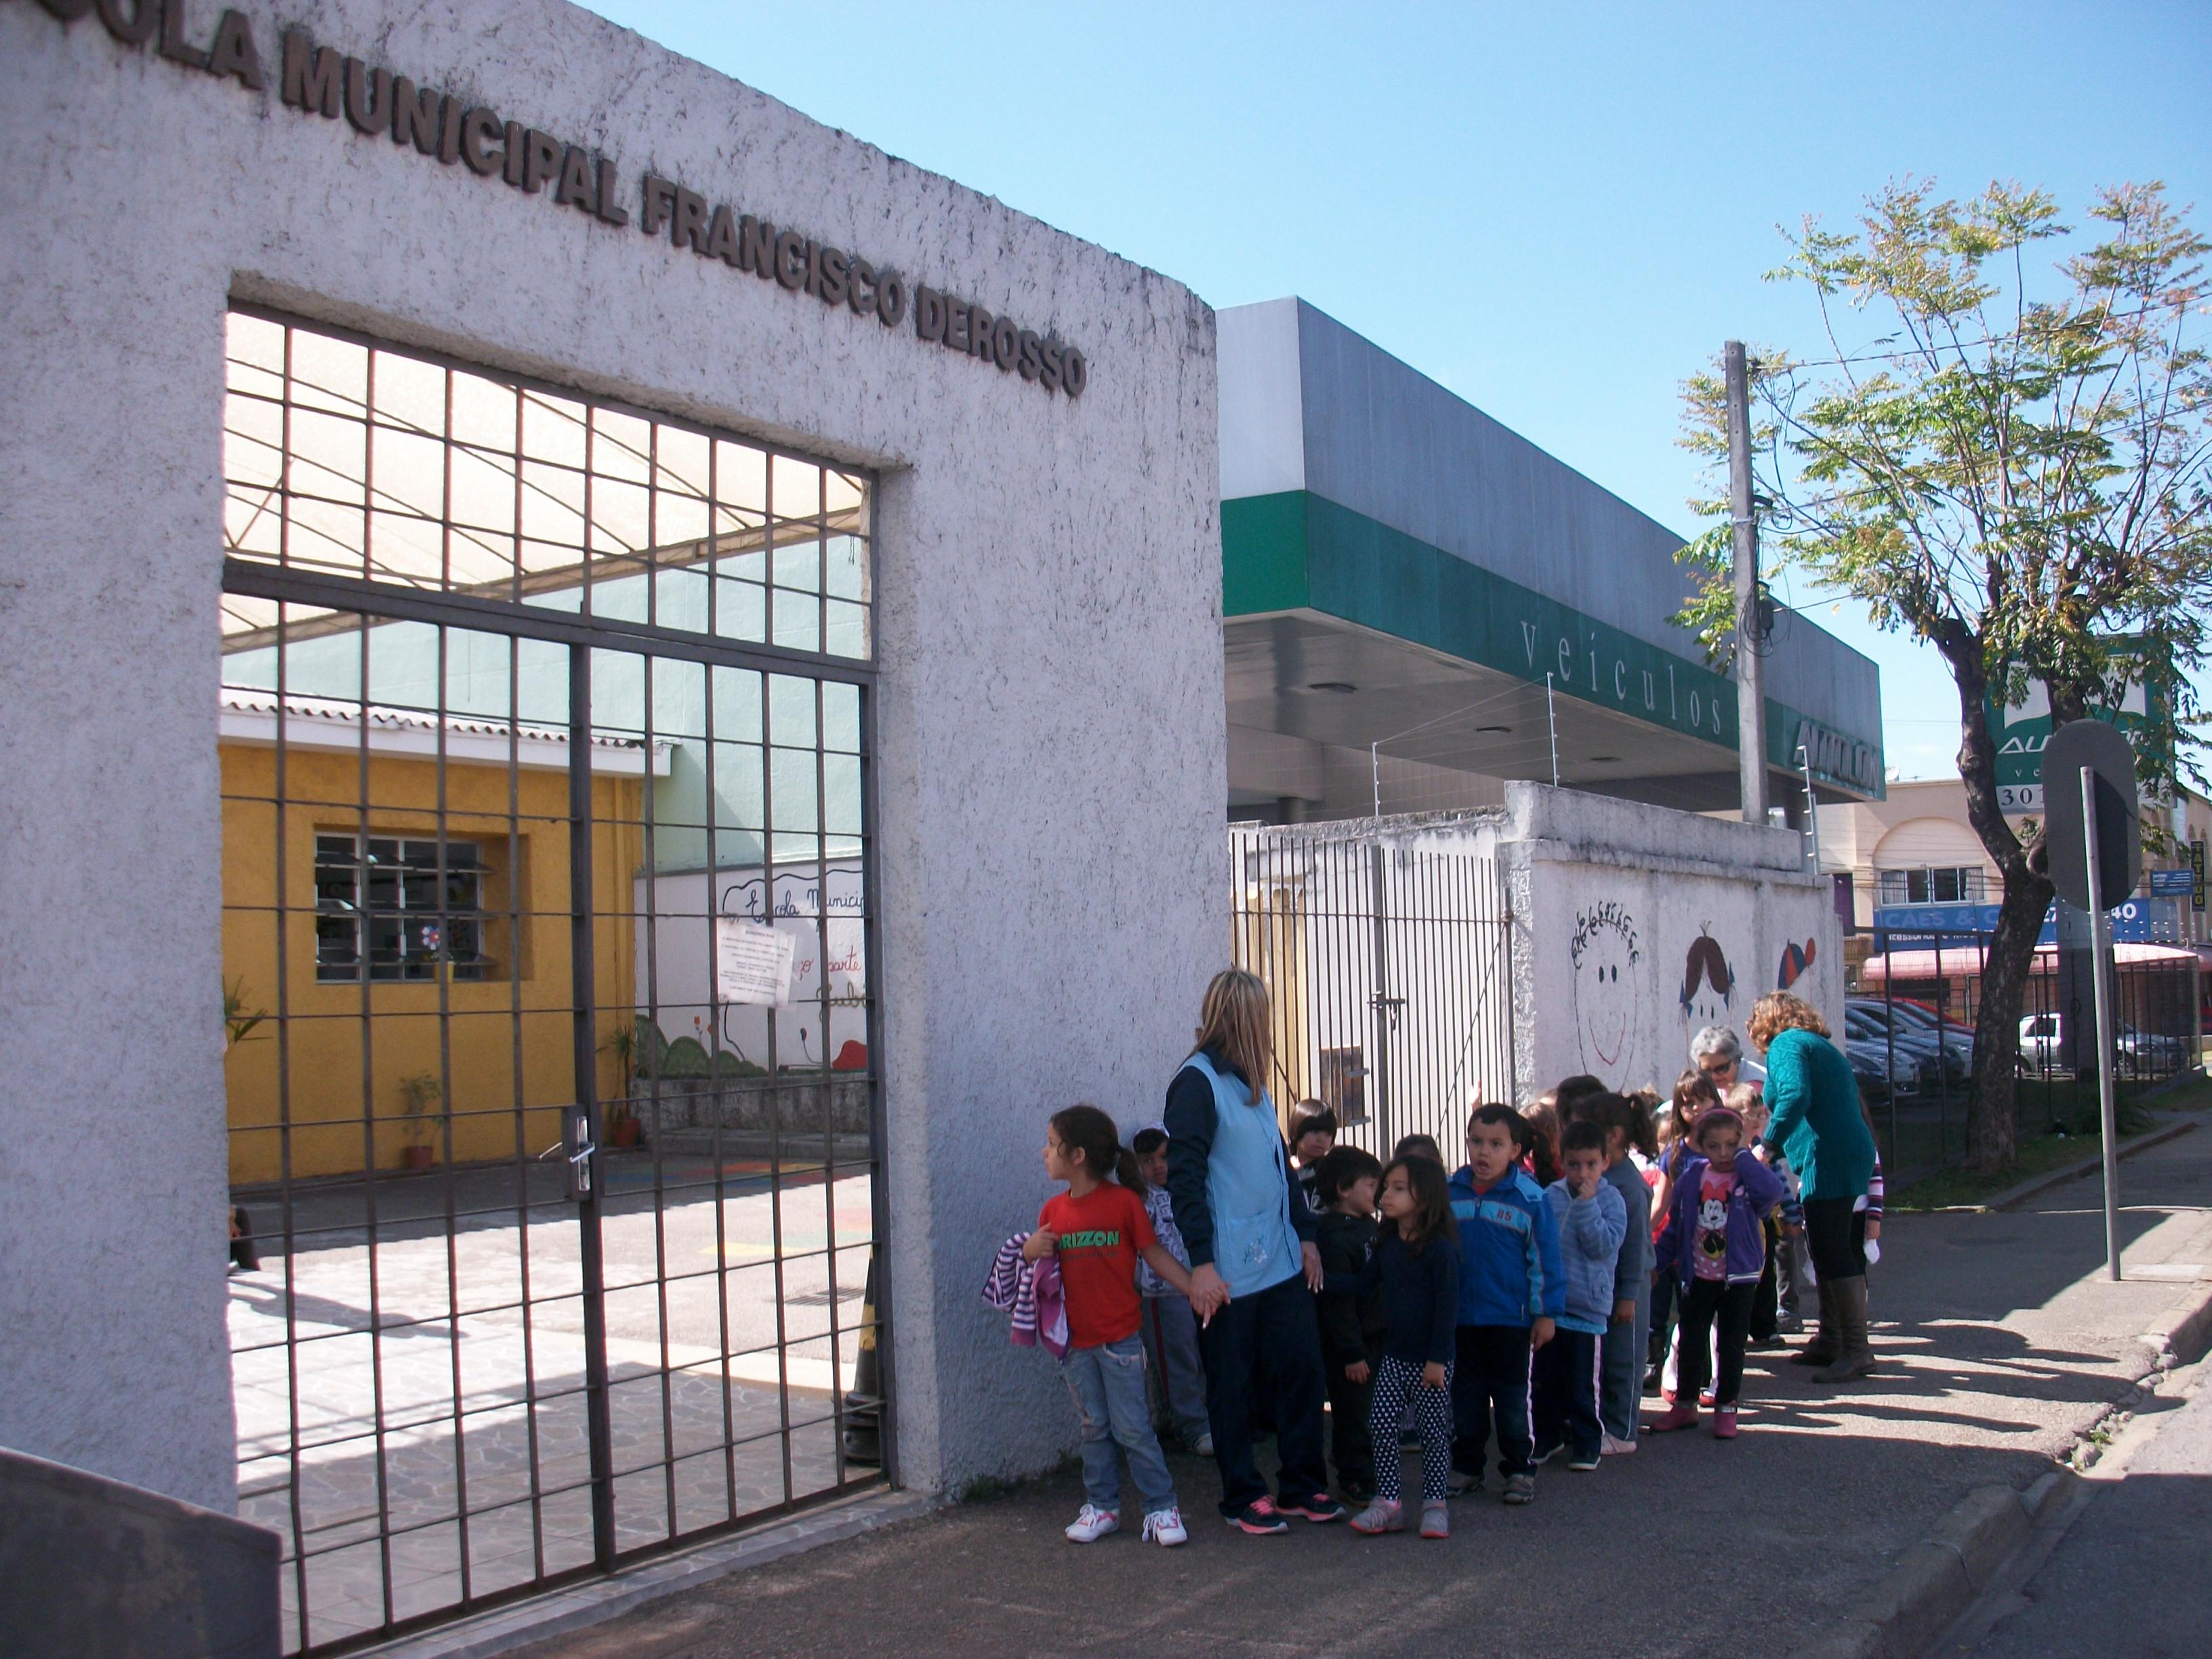 Visita do Pré à Escola Francisco Derosso